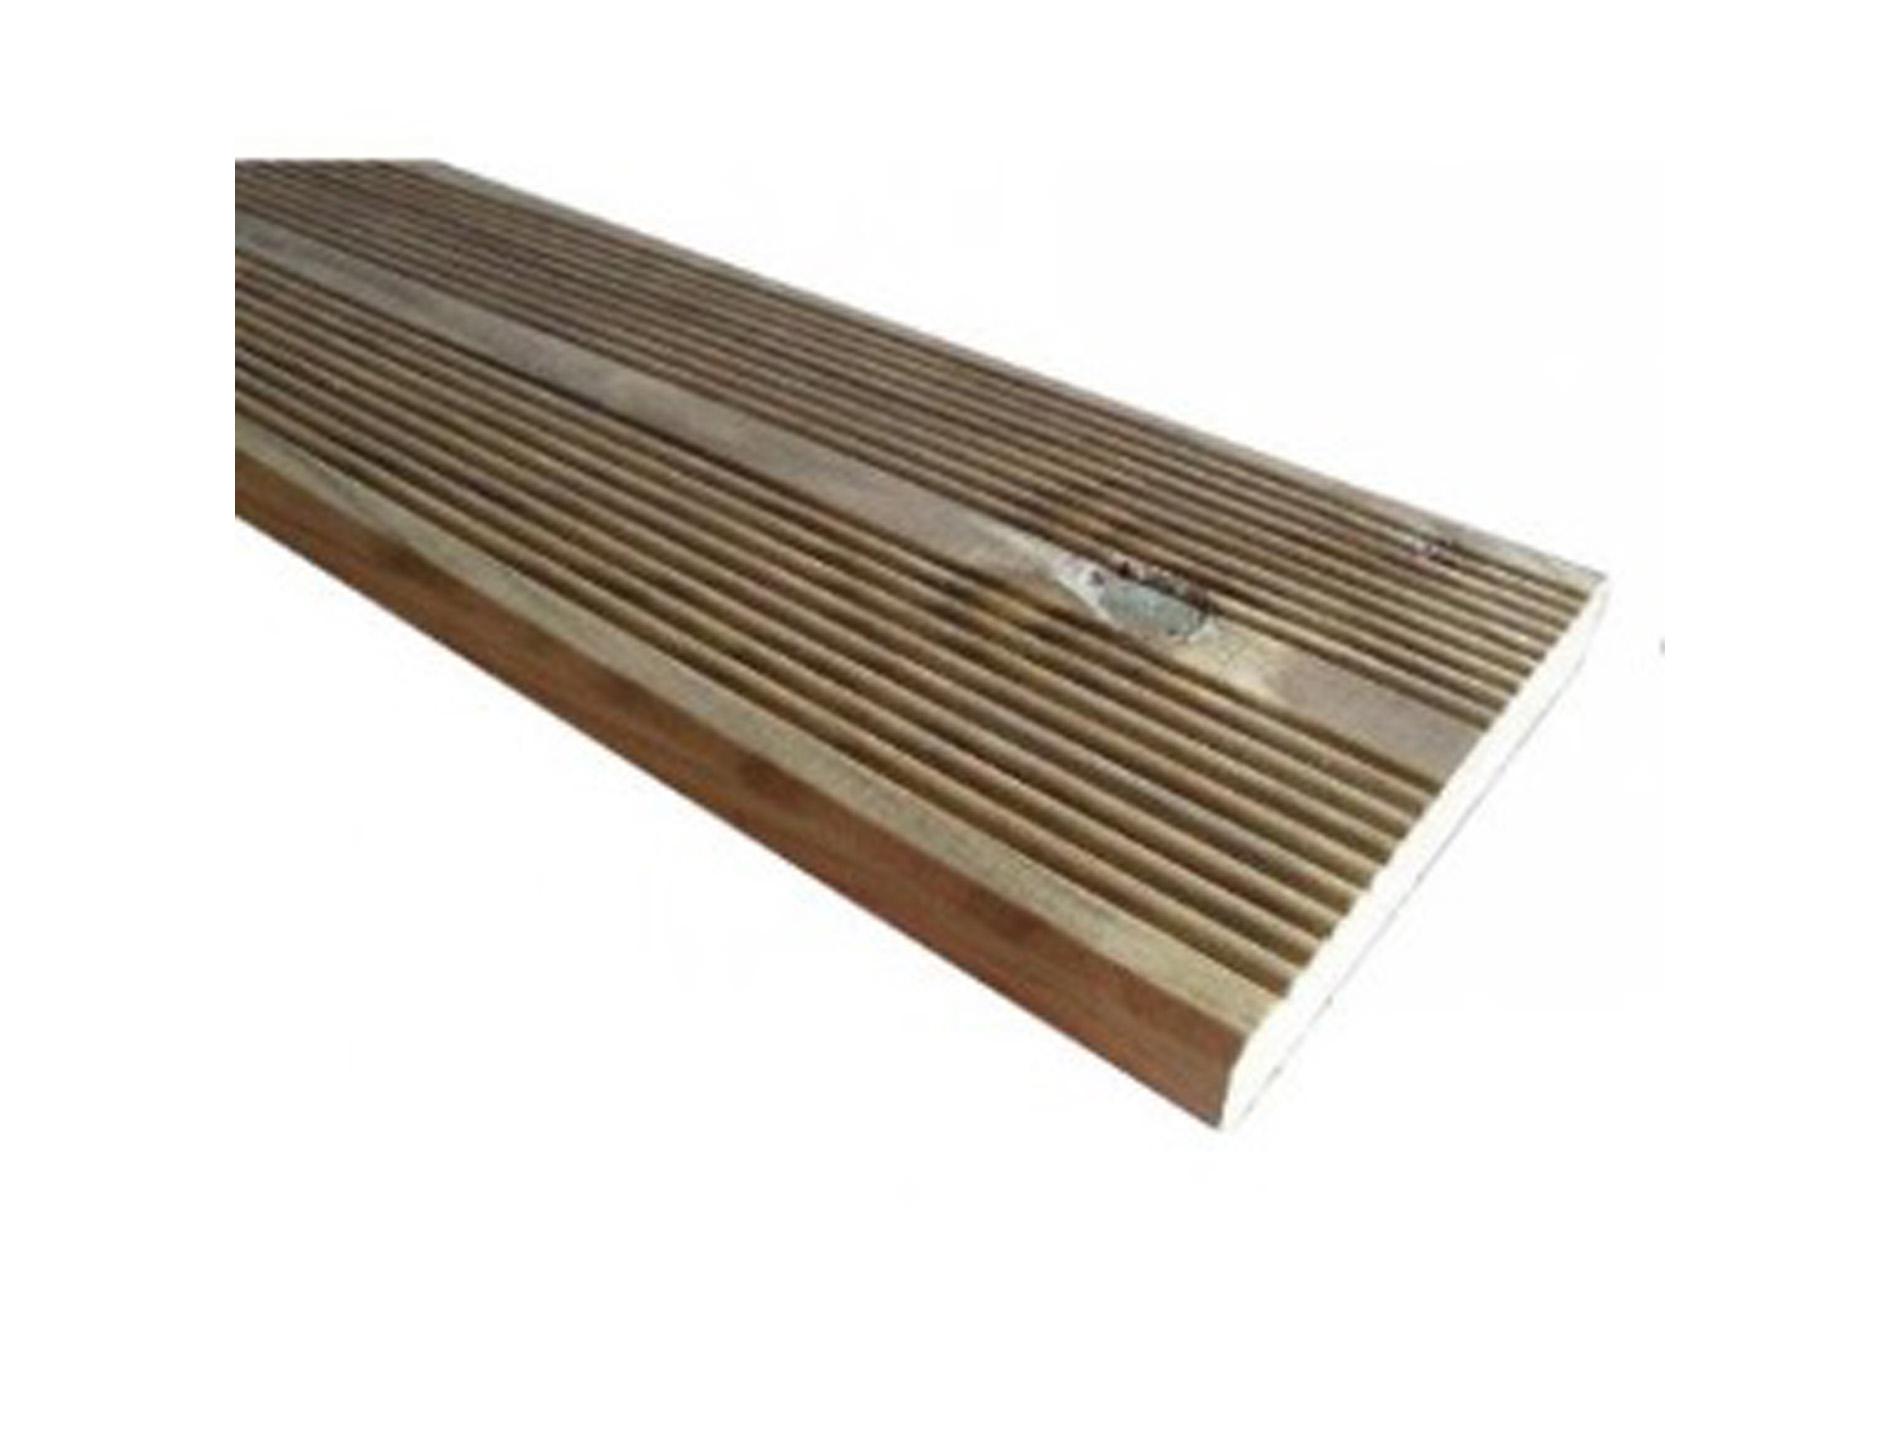 Lame bois rainurée 3m Terrasse en bois Terrasse d